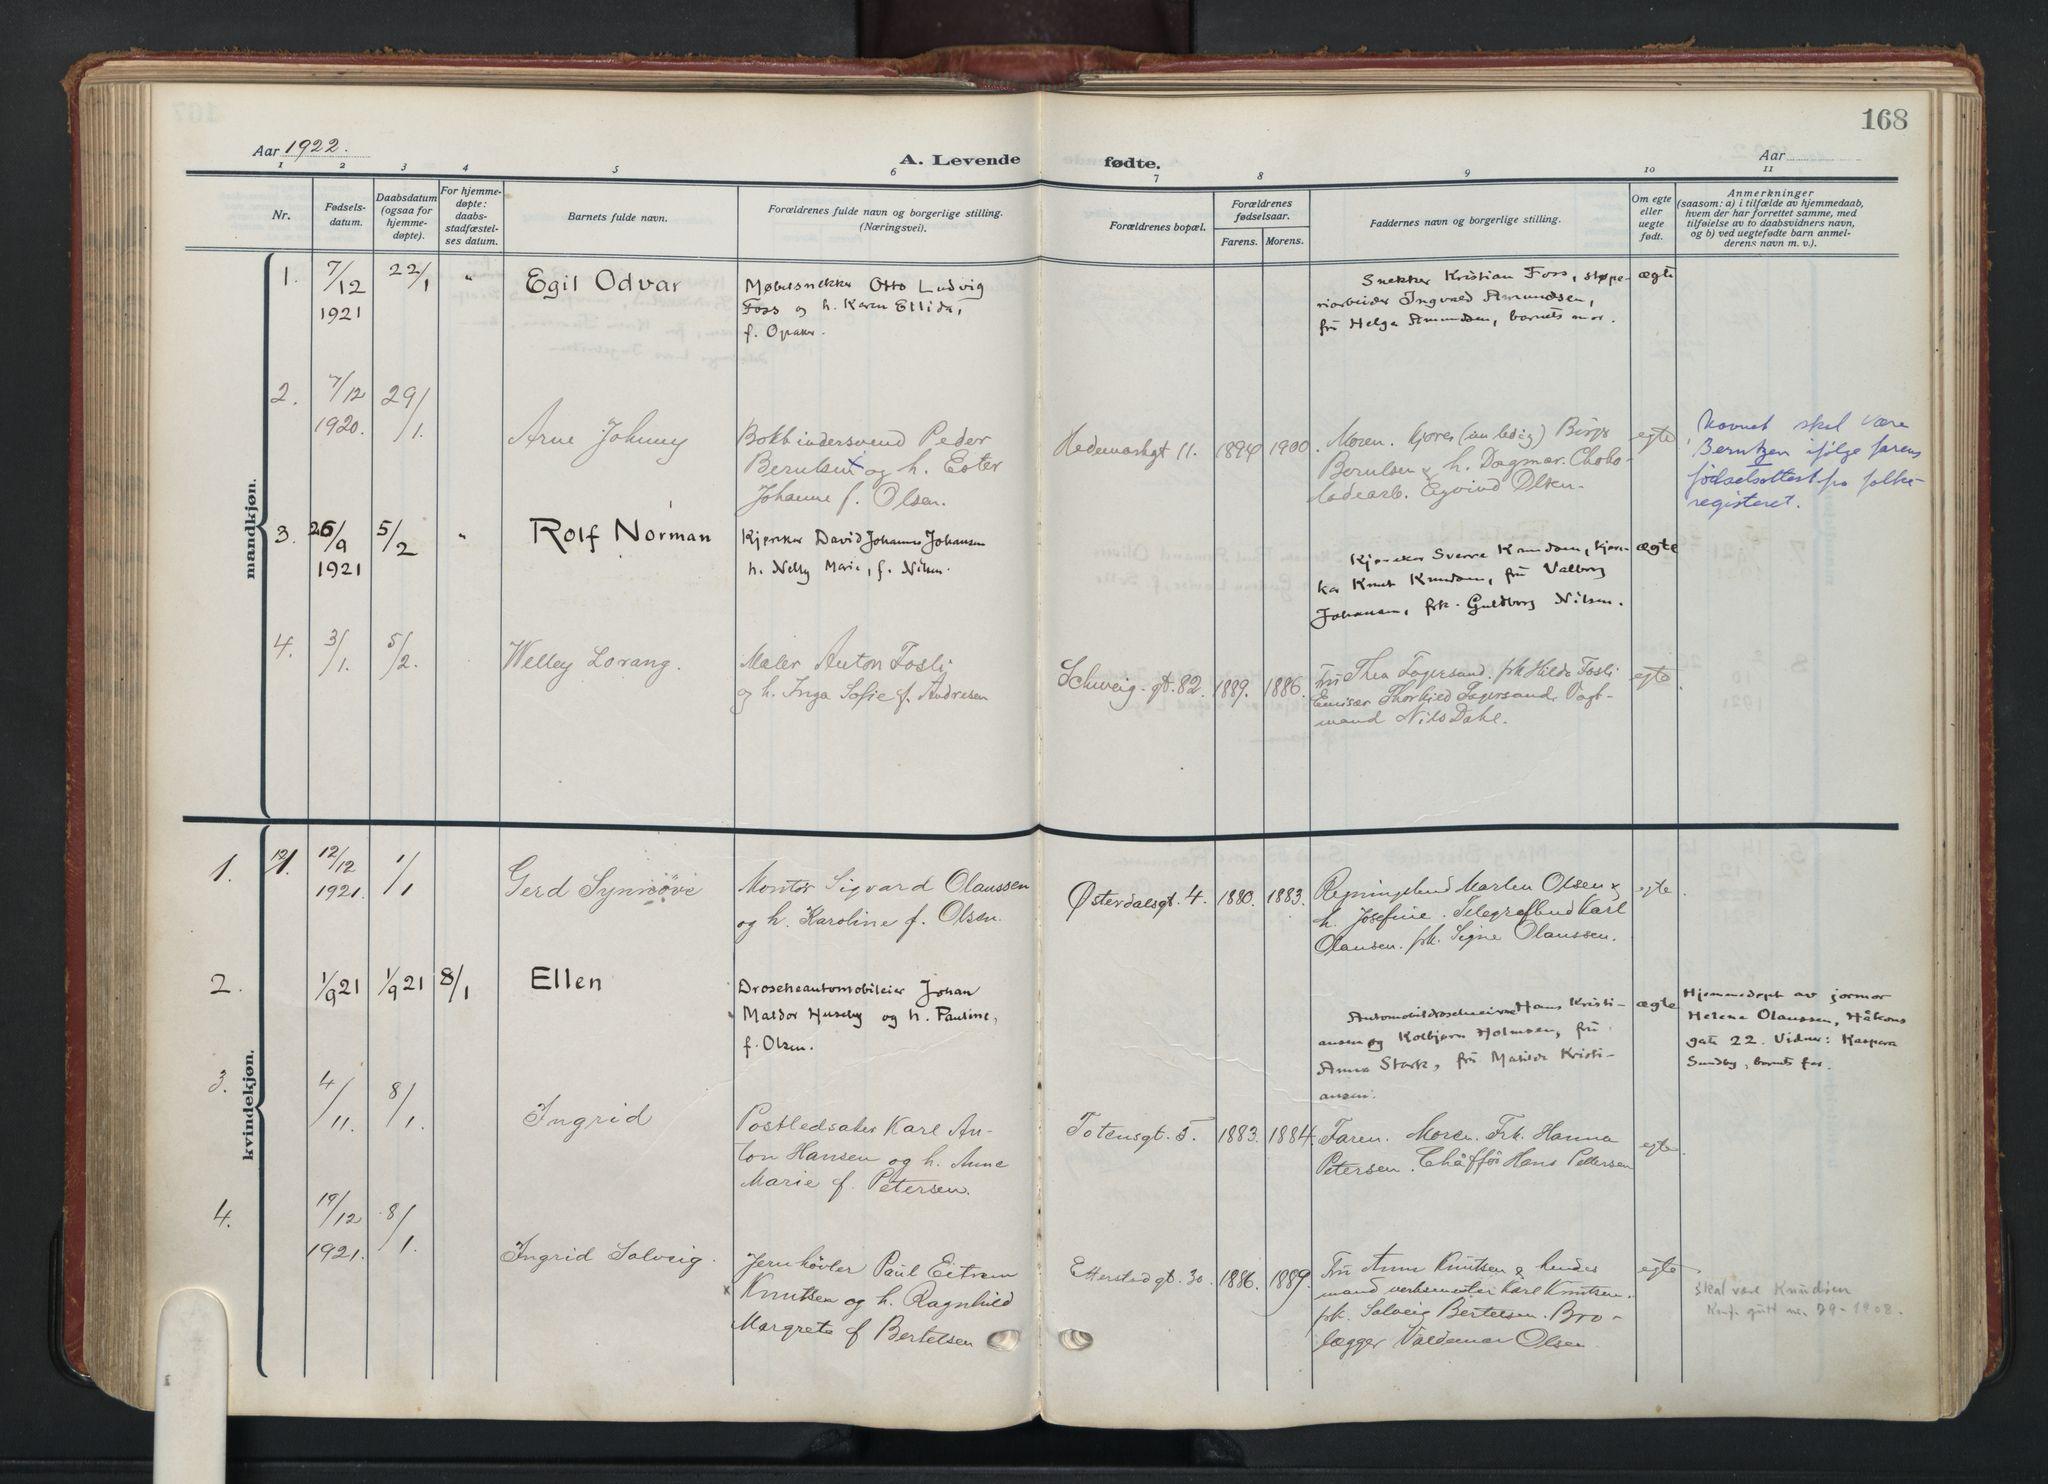 SAO, Vålerengen prestekontor Kirkebøker, F/Fa/L0004: Ministerialbok nr. 4, 1915-1929, s. 168